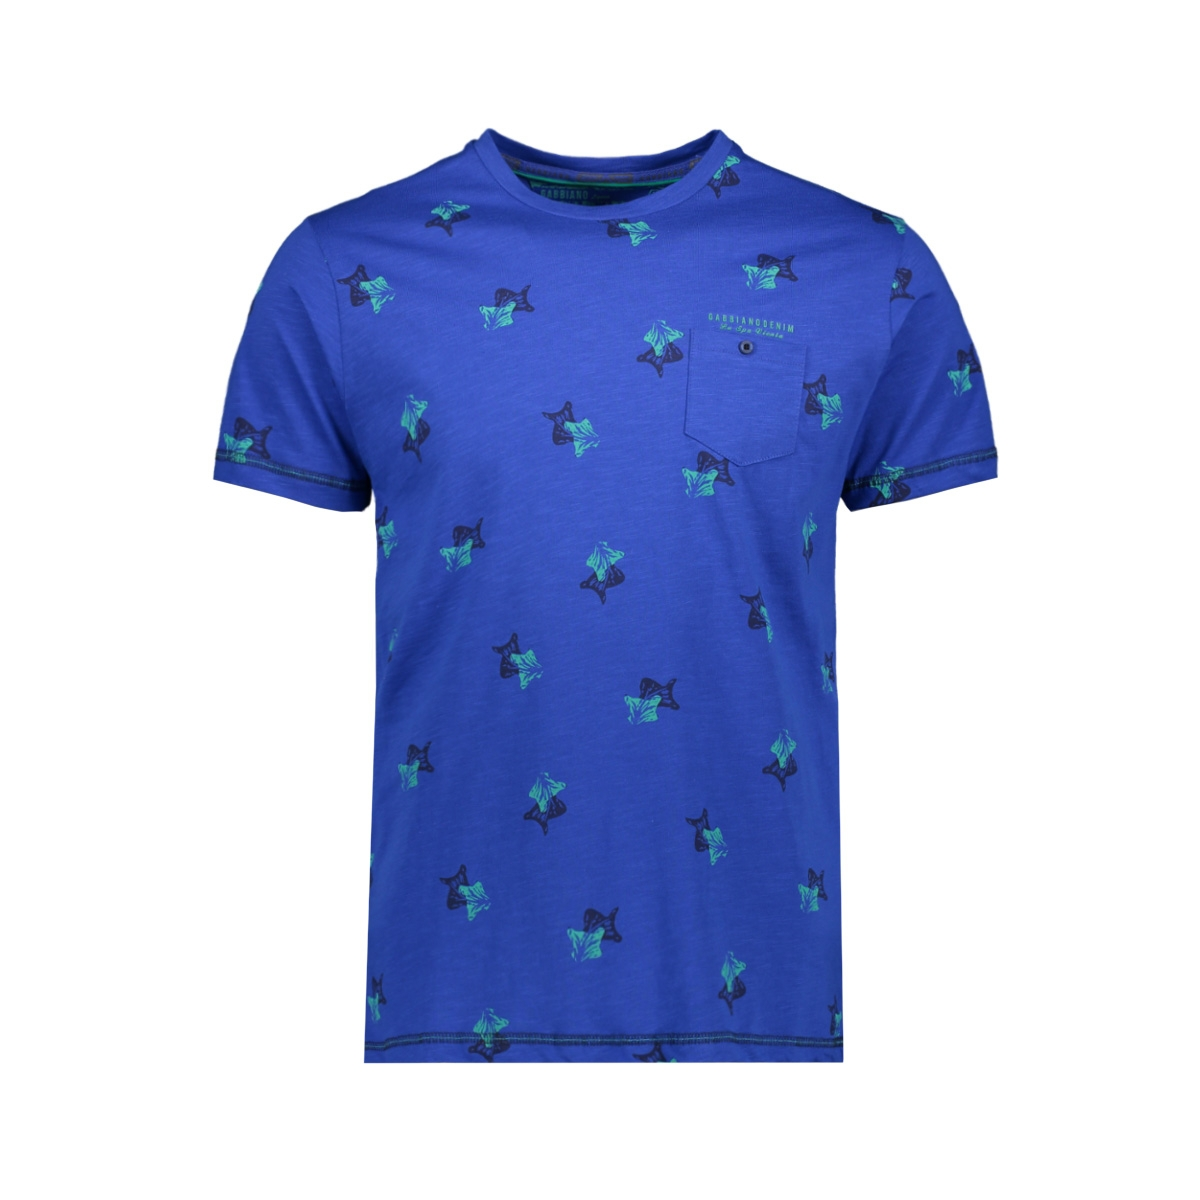 t shirt 15190 gabbiano t-shirt cobalt